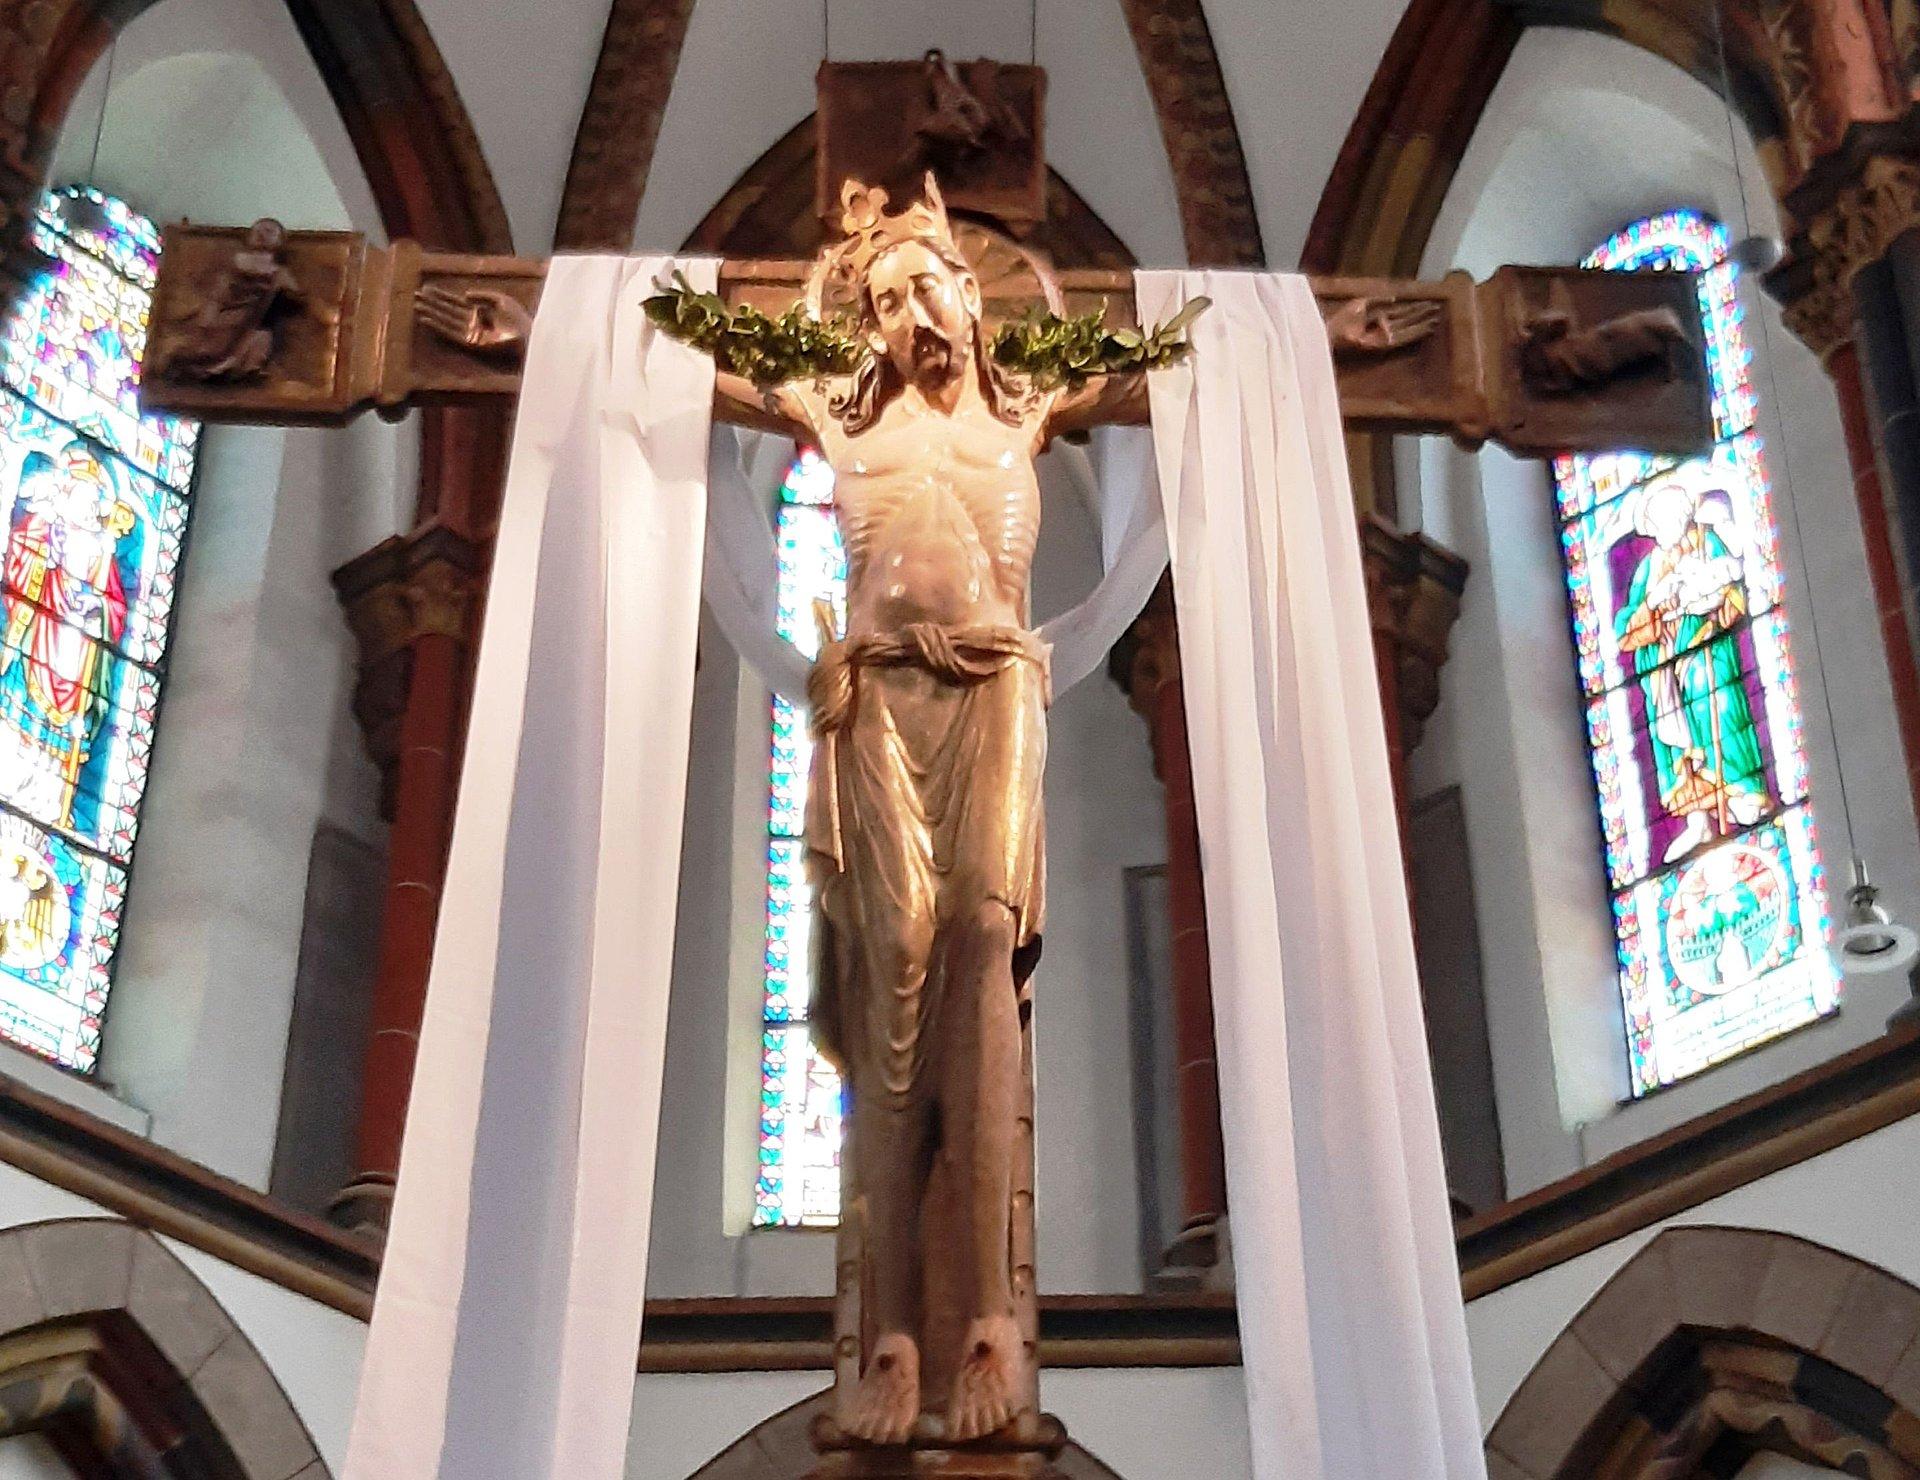 La croix triomphale de l'église Saint-Séverin, Rhin romantique